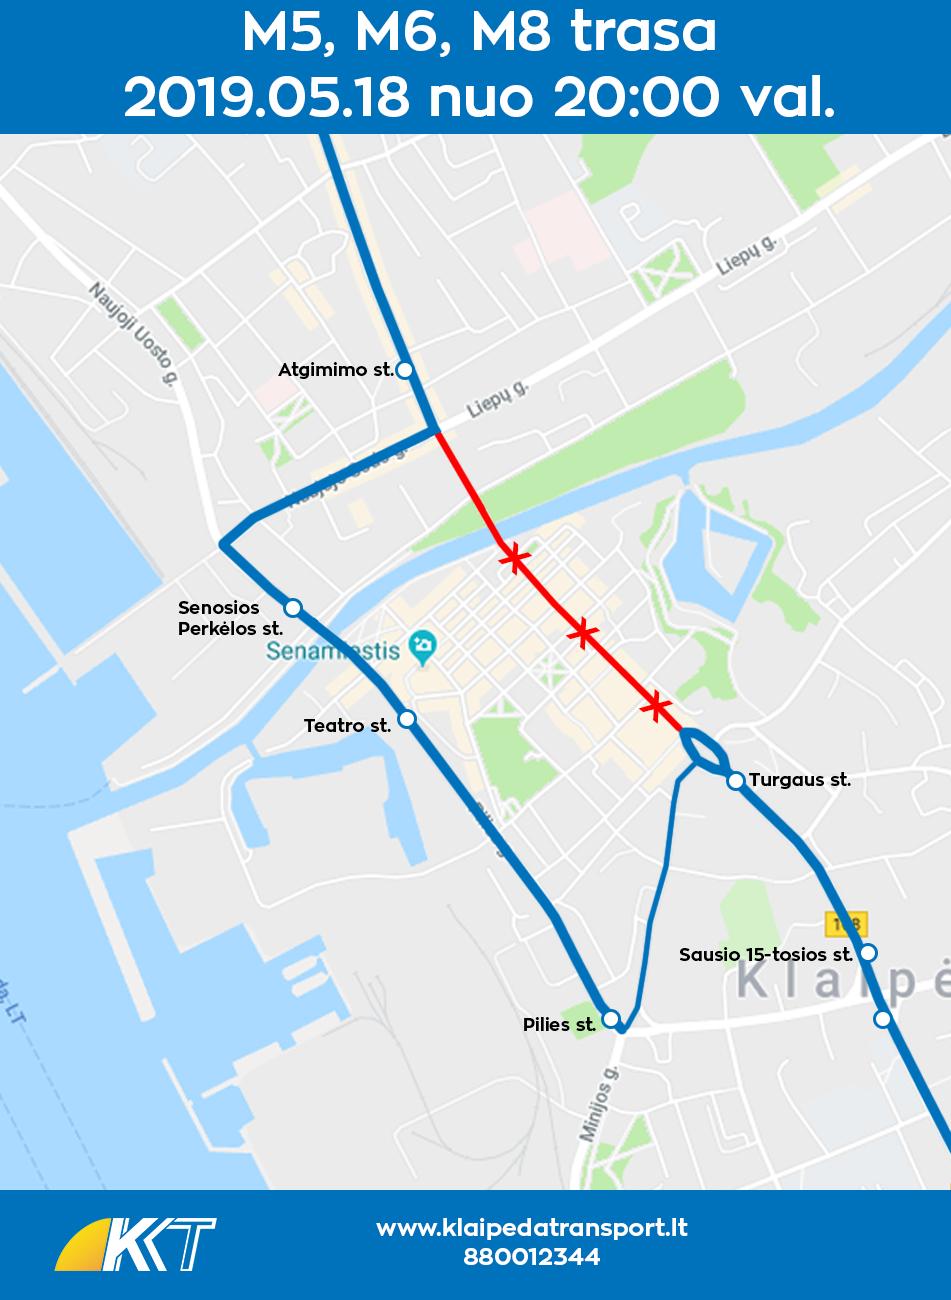 M5, M6, M8 maršrutų  trasa per Laivų paradą